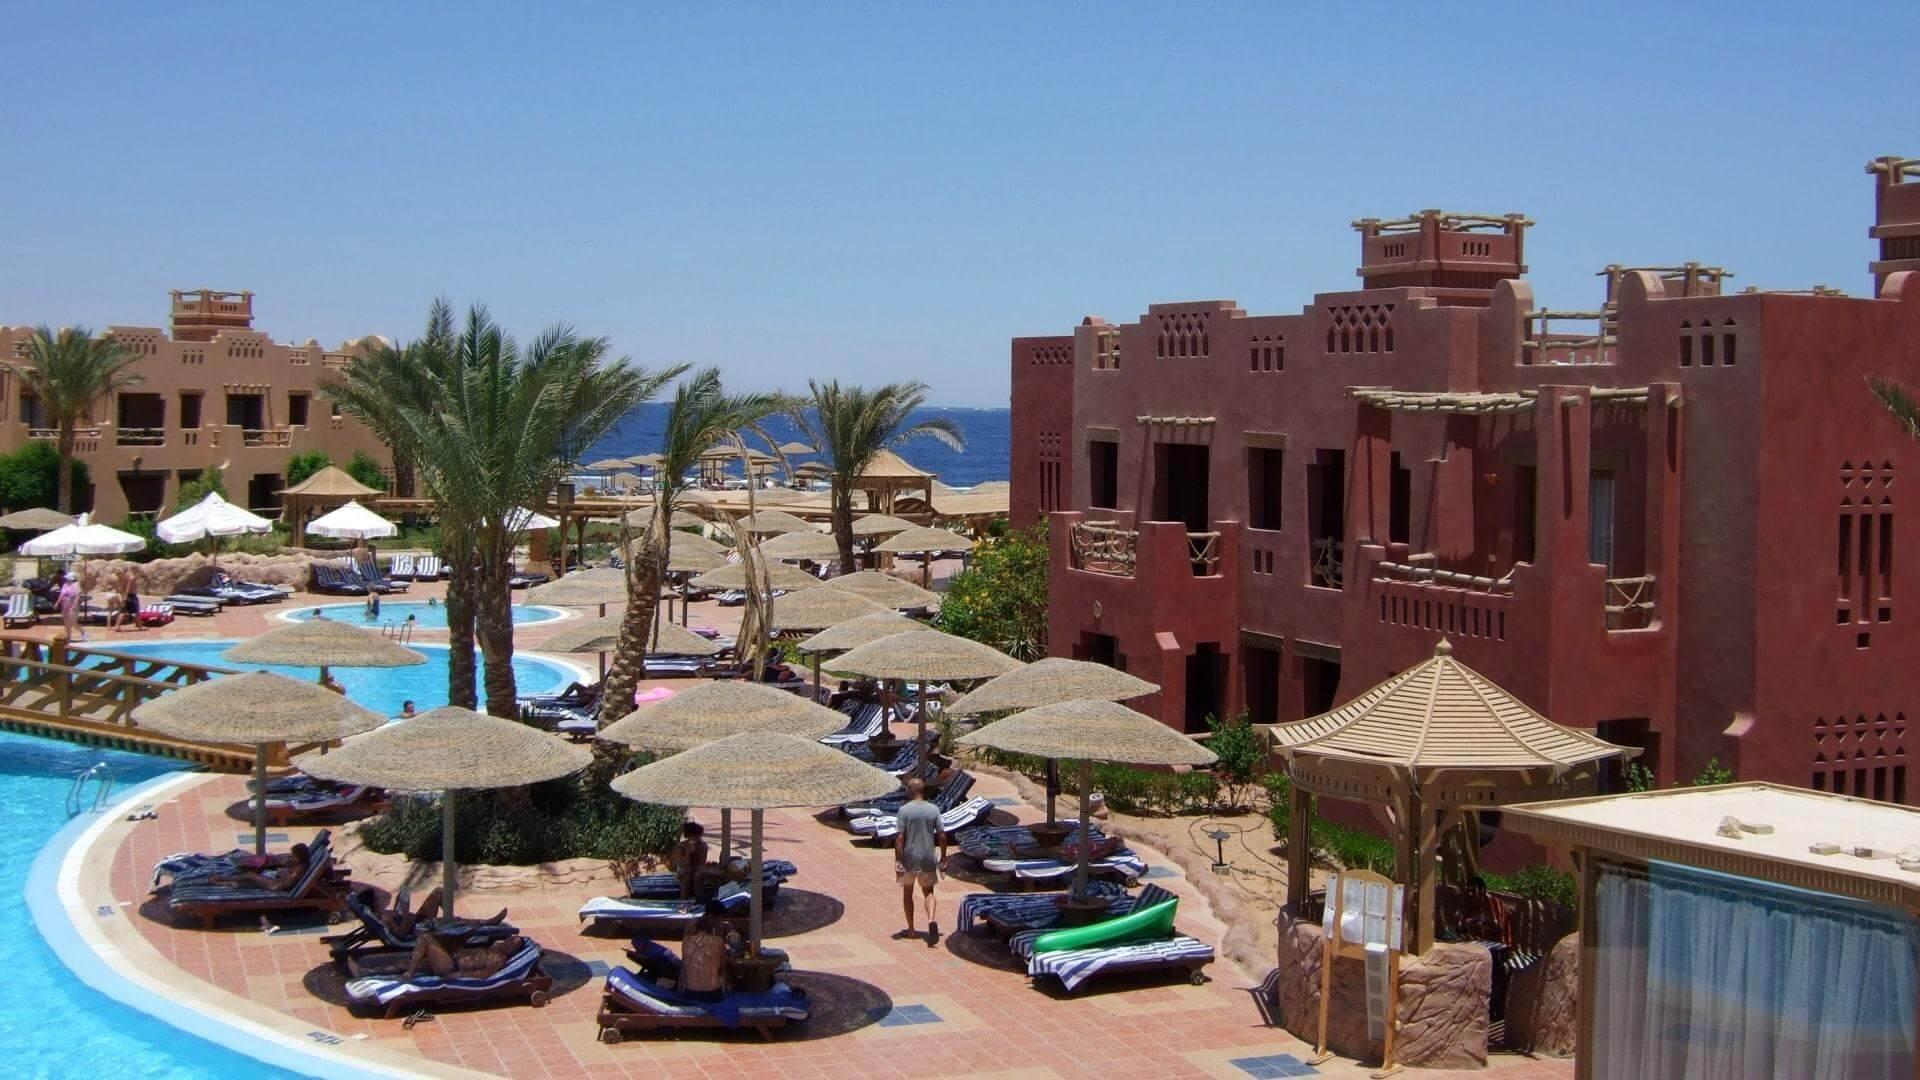 4-звездочный отель Charmillion Sea Life Resort в Шарм-эль-Шейхе